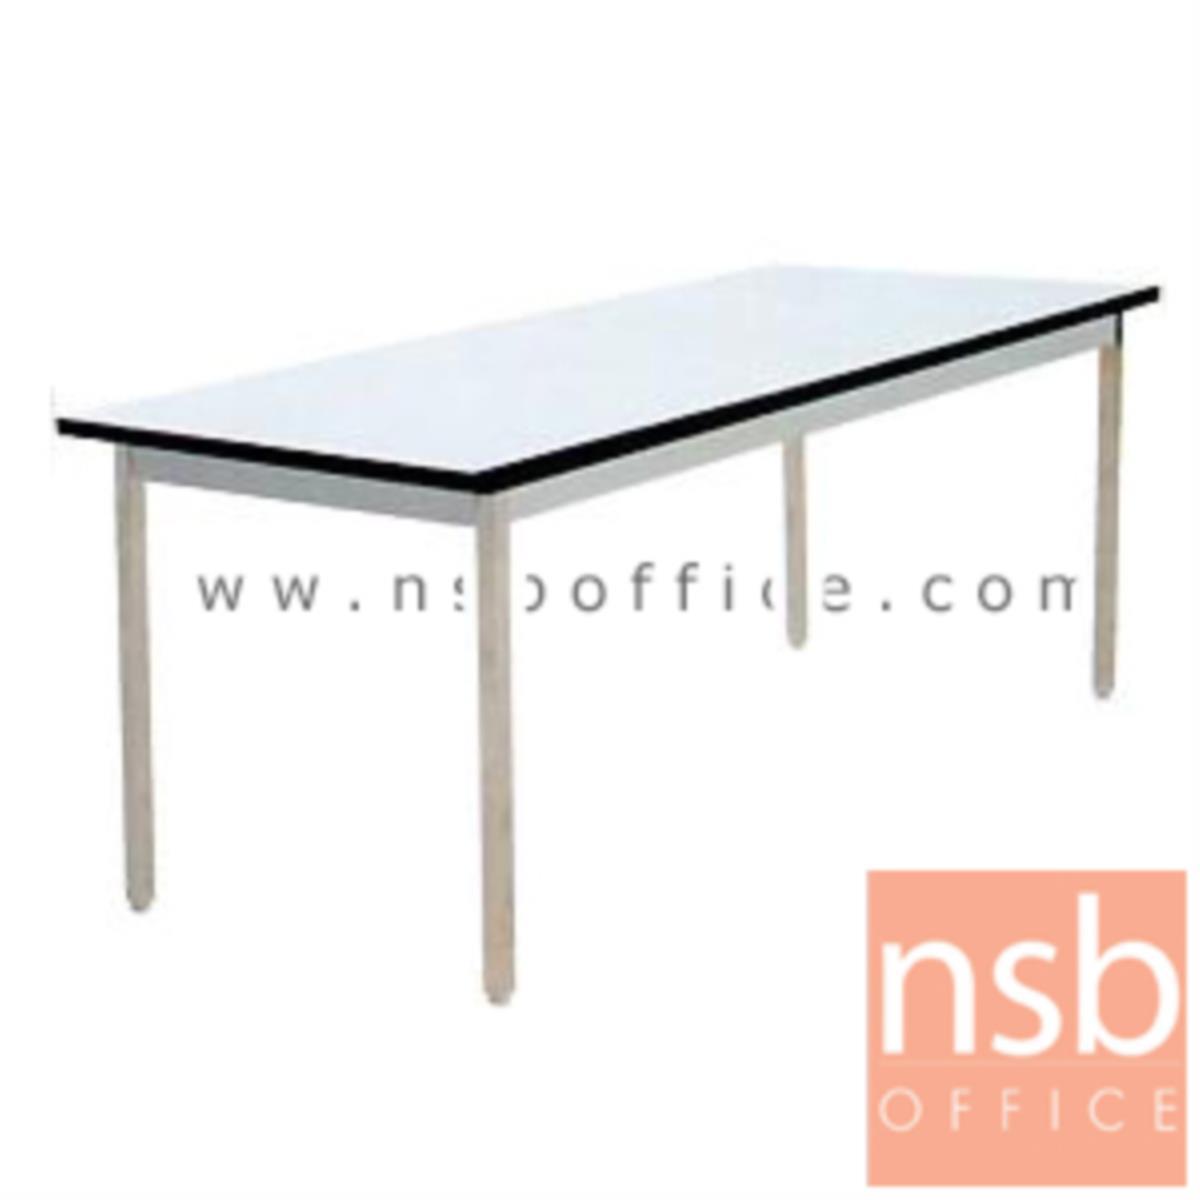 โต๊ะหน้าโฟเมก้าขาว 25 มม. รุ่น Blondie (บลอนดี้) ขนาด 4 ,5 ,6 ฟุต ขาเหล็กเหลี่ยมถอดประกอบได้